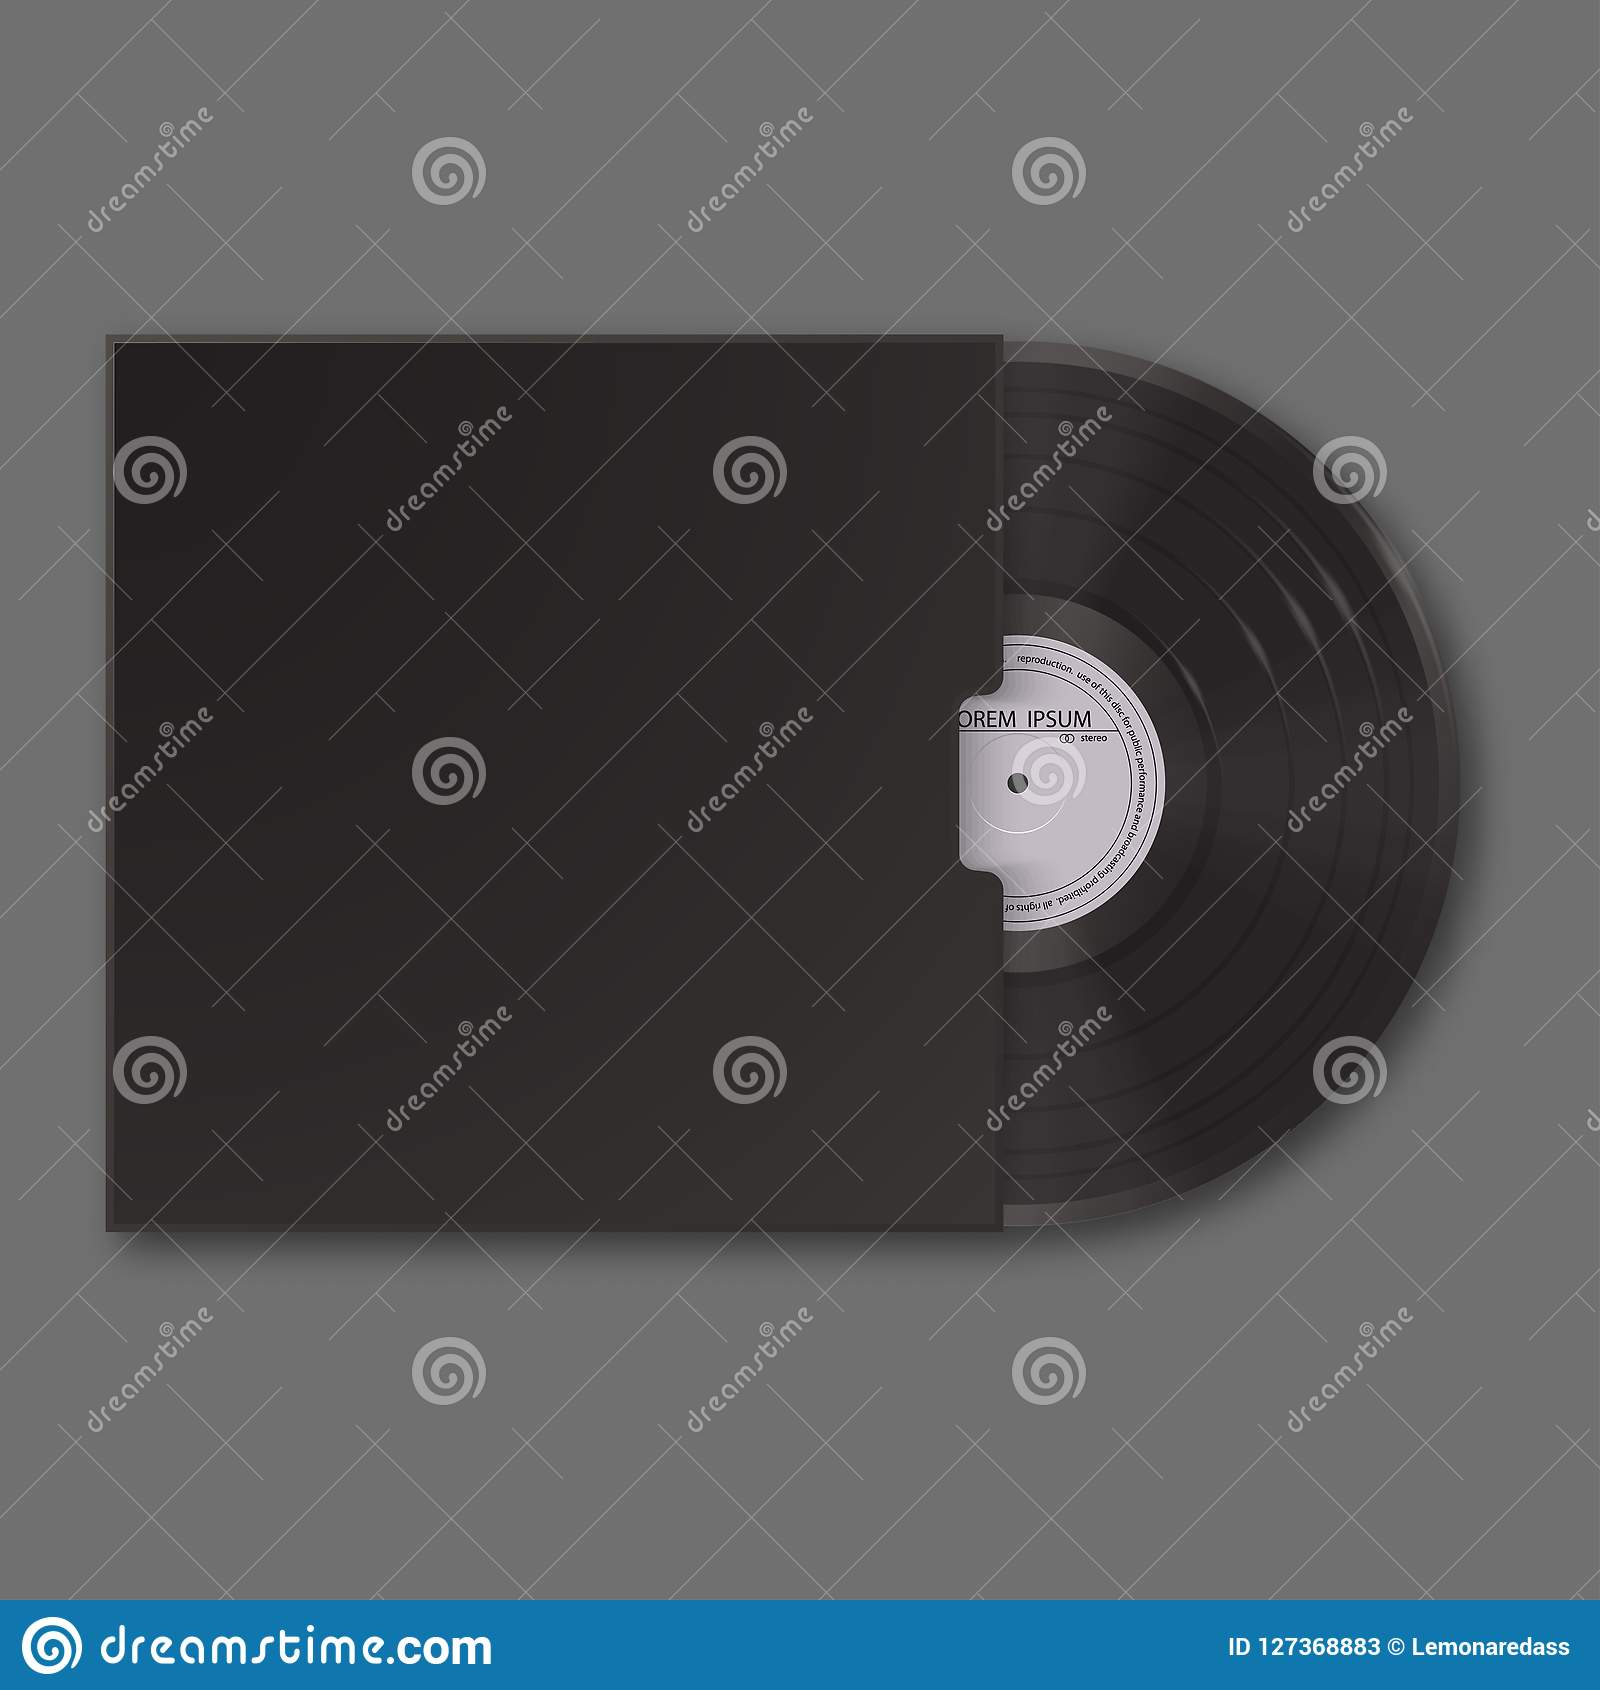 Realistische Vinylaufzeichnung im Ärmel Schwarzer Spott des freien Raumes oben lokalisiert auf grauem Hintergrund